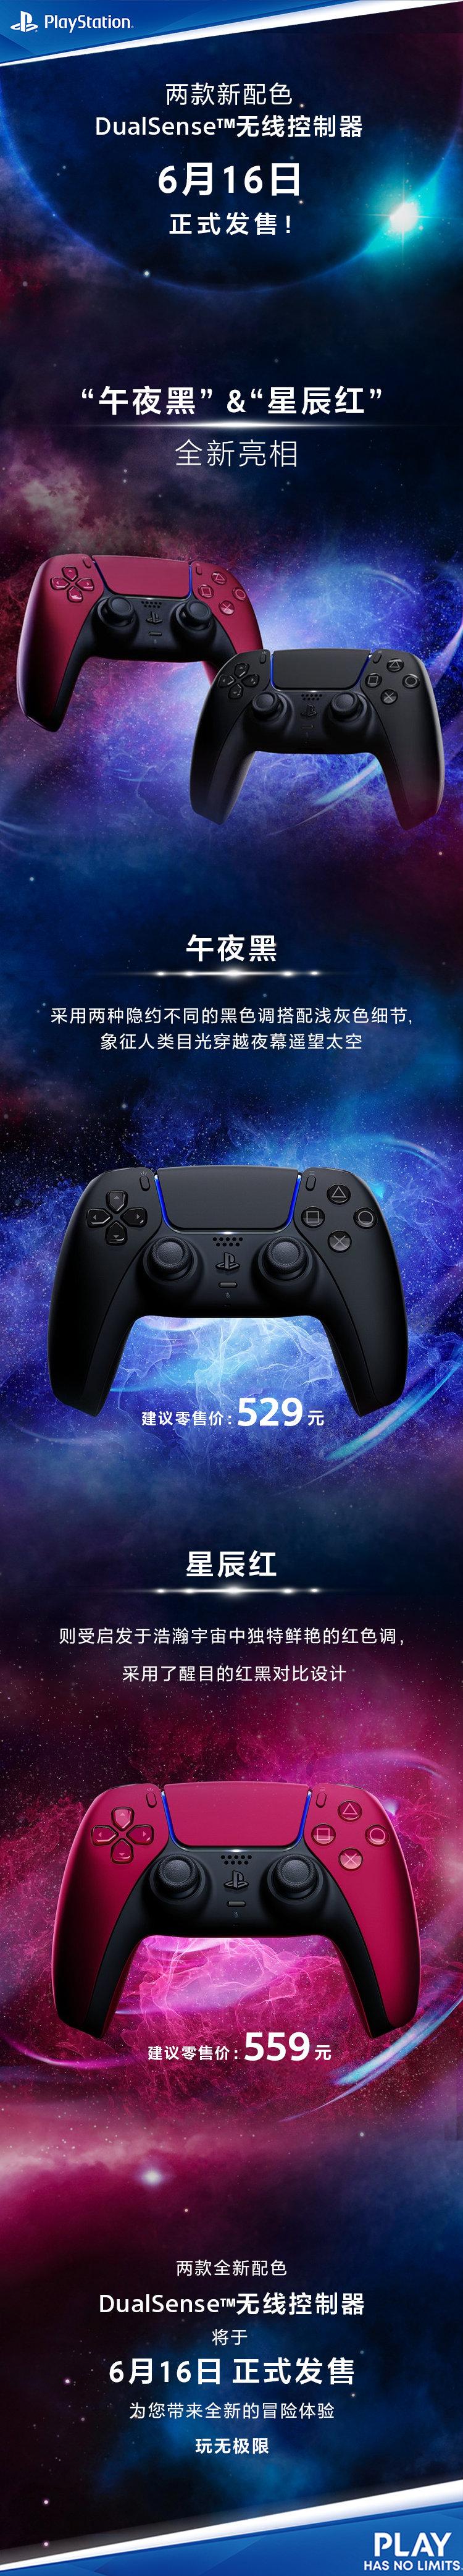 529元起!索尼PS5国行手柄新配色发布网友:主机还没抢到